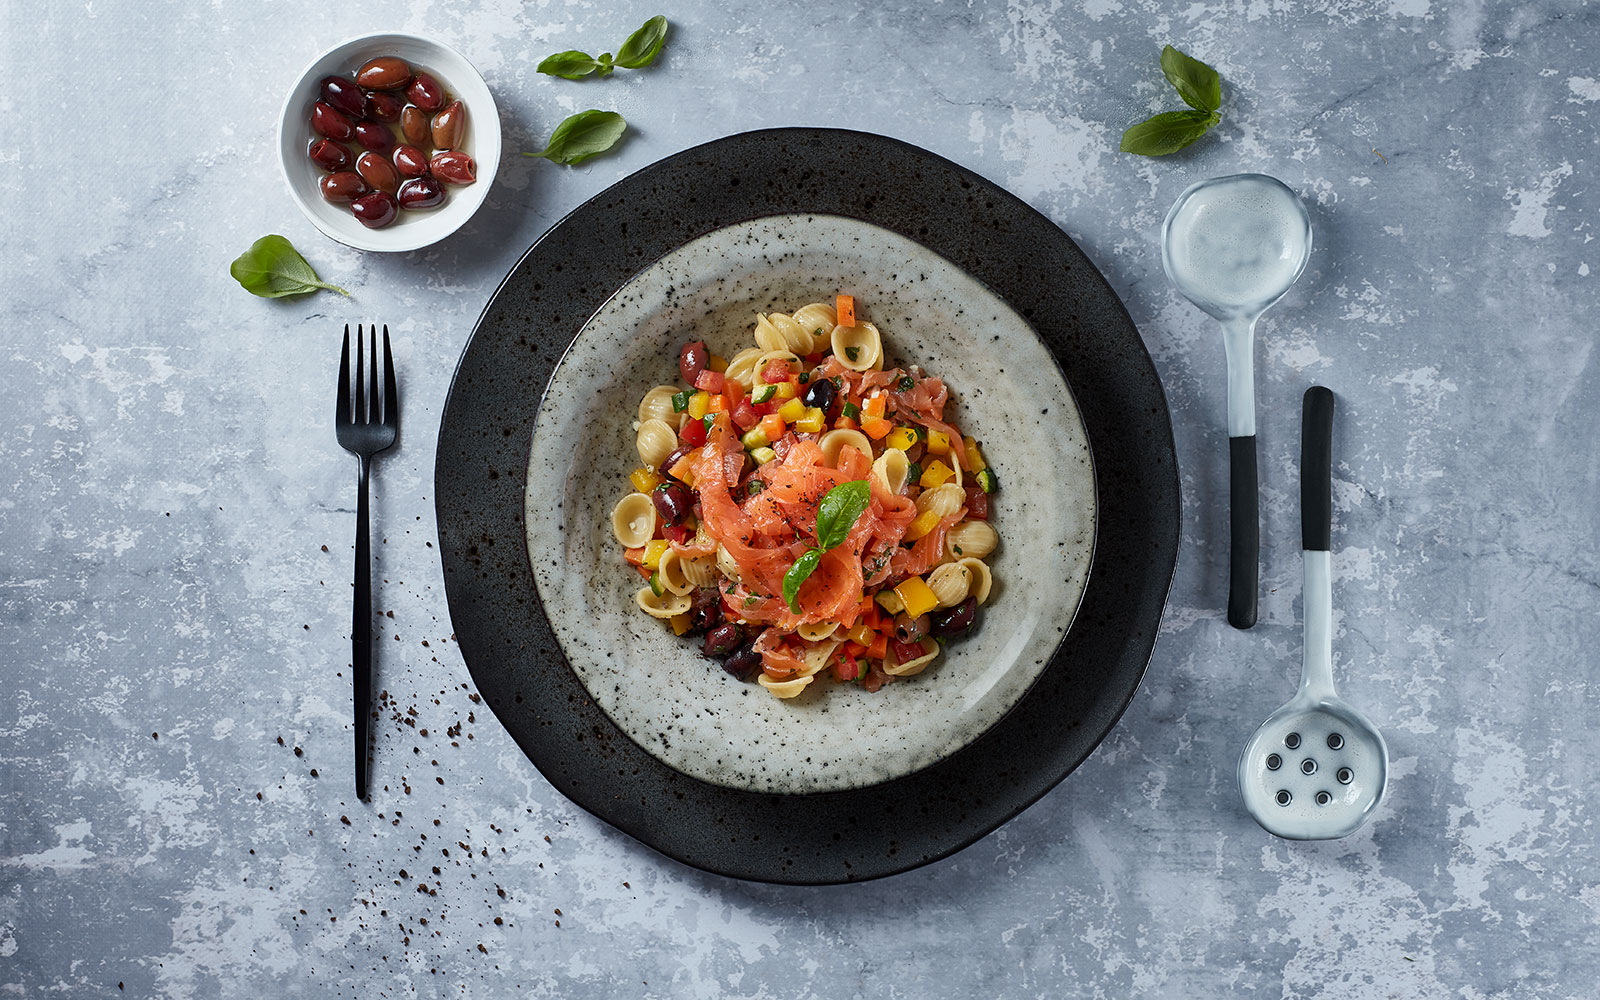 Sałatka makaronowa z wędzonym łososiem, papryką, marchewką i oliwkami